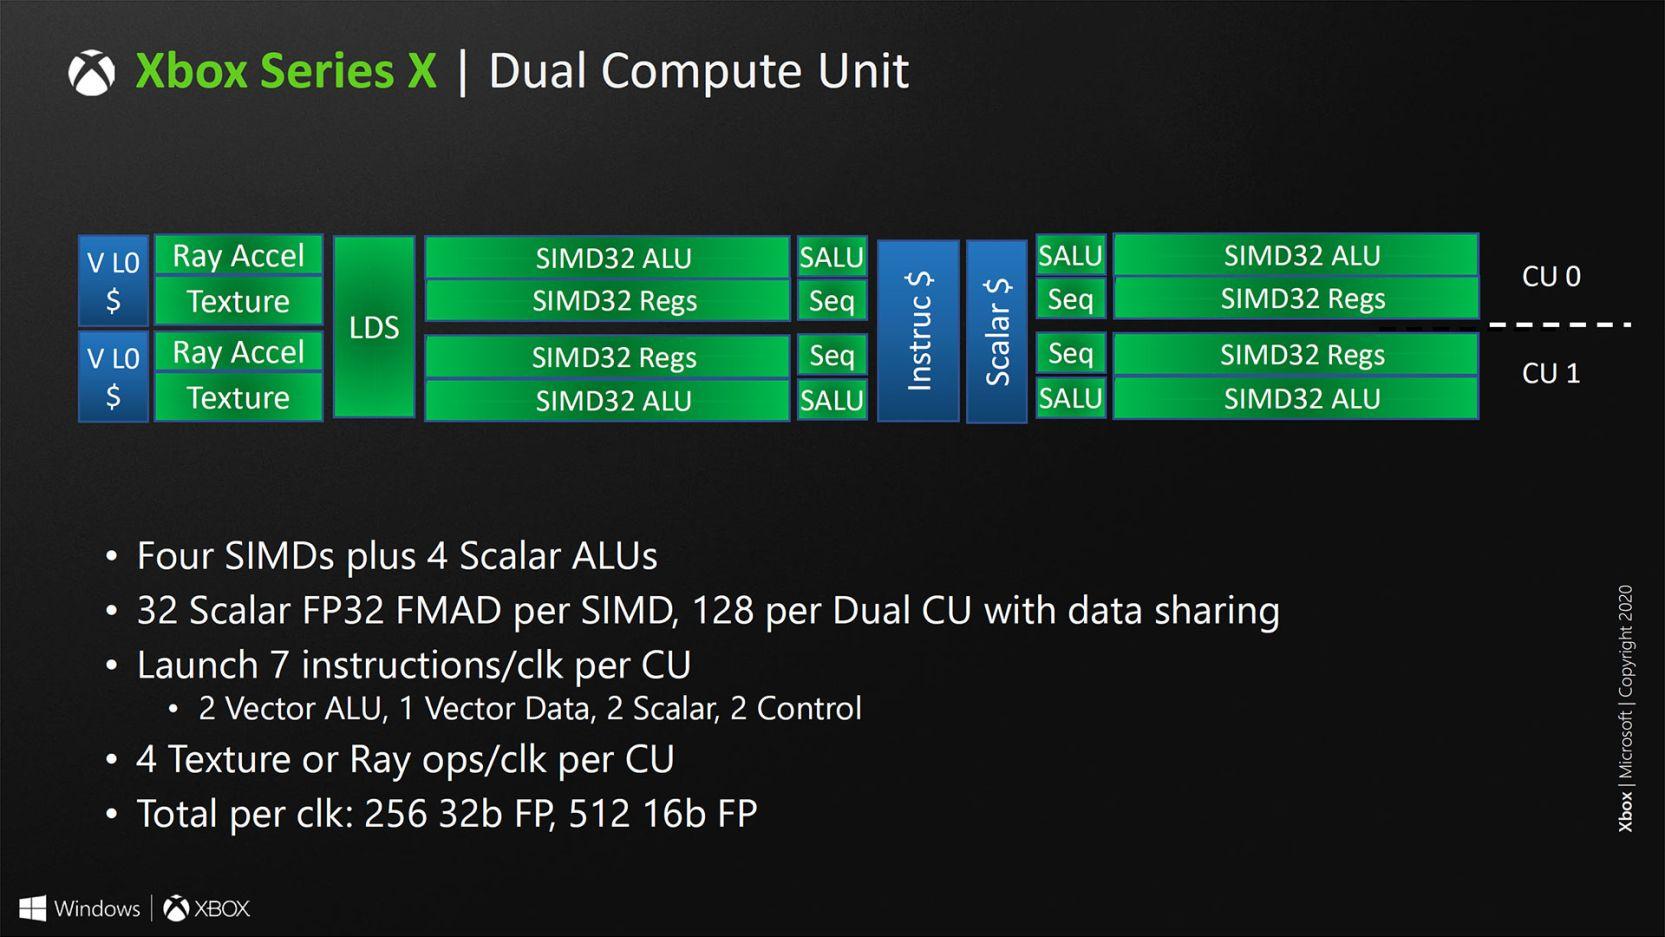 https://cdn.videocardz.com/1/2020/08/Xbox-Series-X-Slide13.jpg